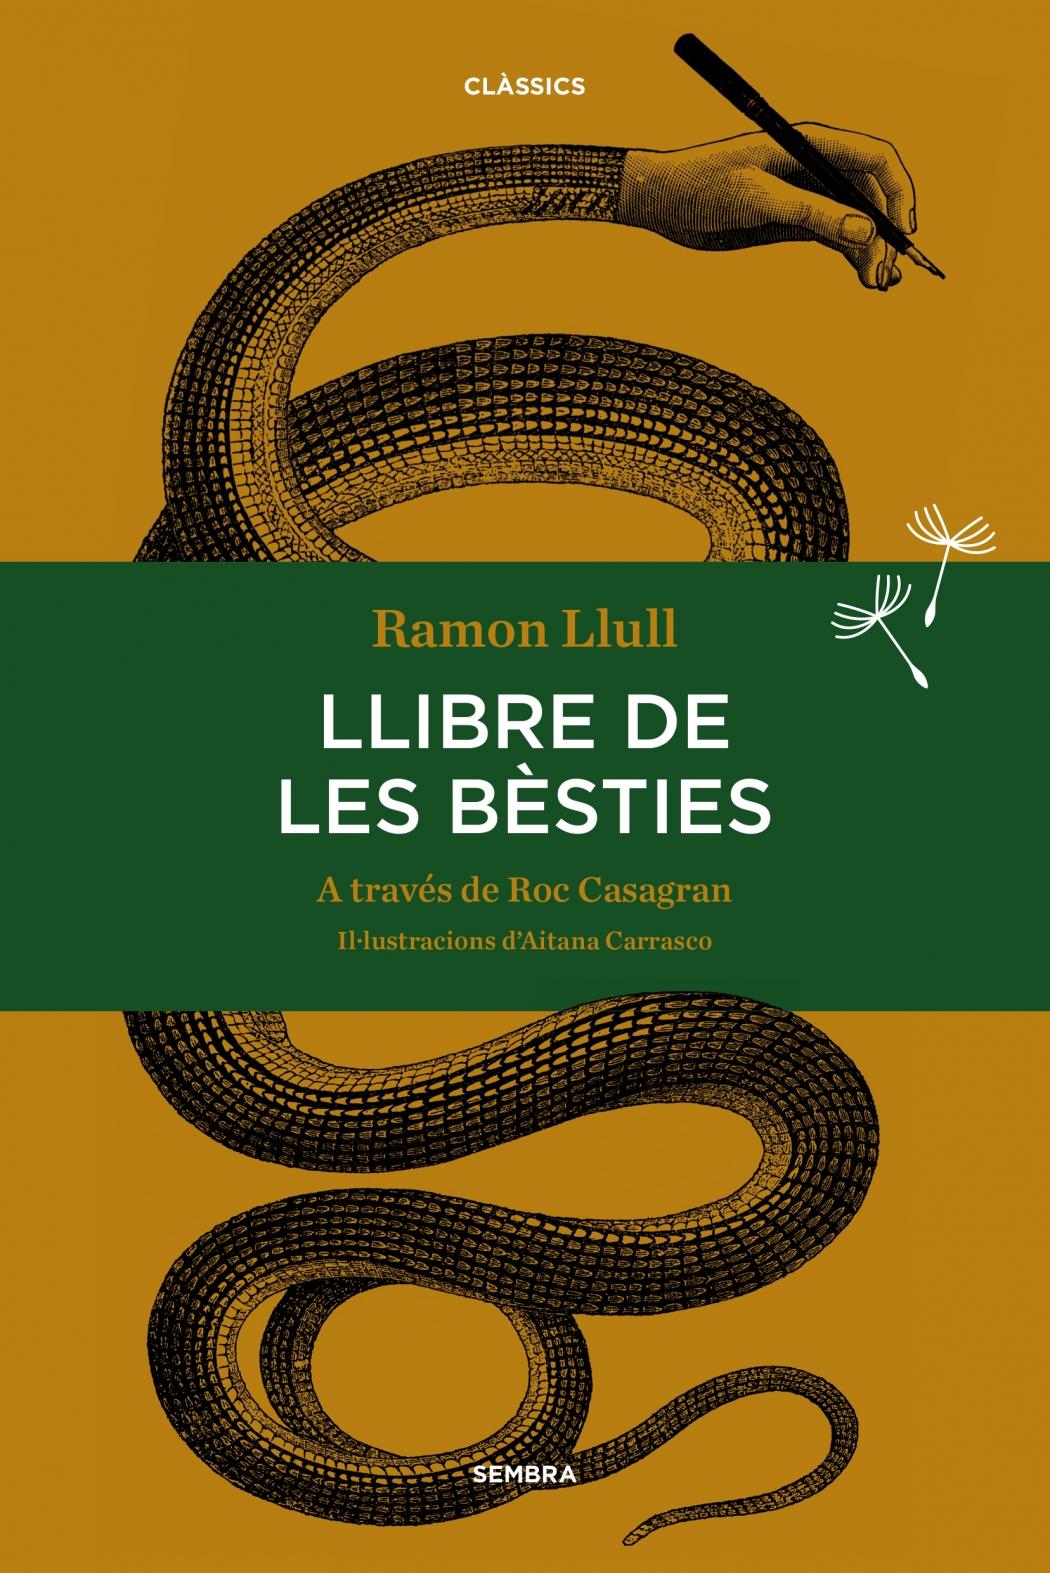 Celebrem l'Any Llull amb l'edició especial i limitada del Llibre de les Bèsties de Ramon Llull a través de Roc Casagran i Aitana Carrasco